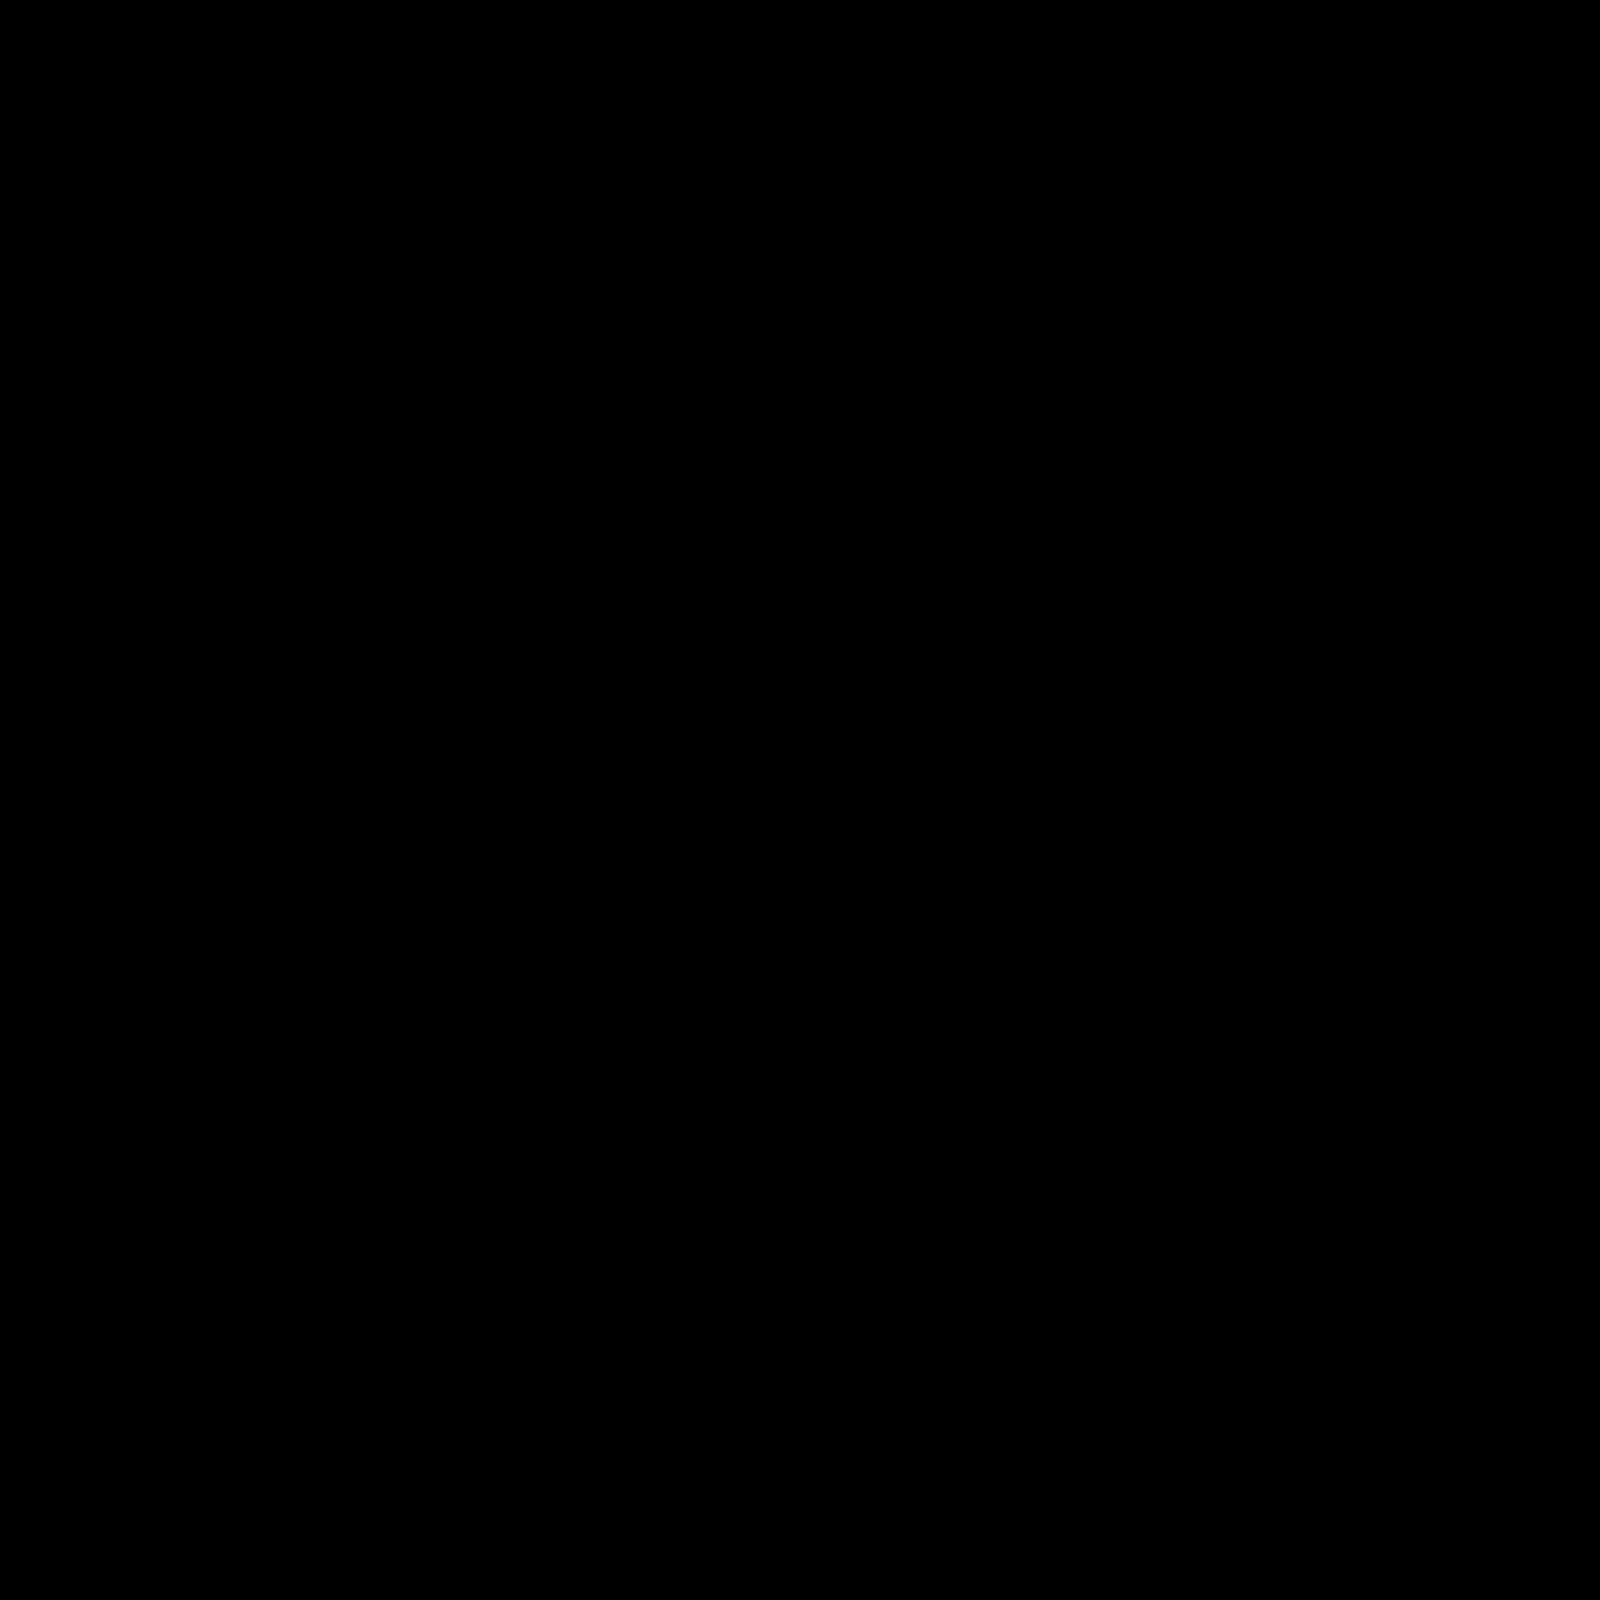 Иконка Heroku - скачать бесплатно в PNG и векторе a668fa58d3e